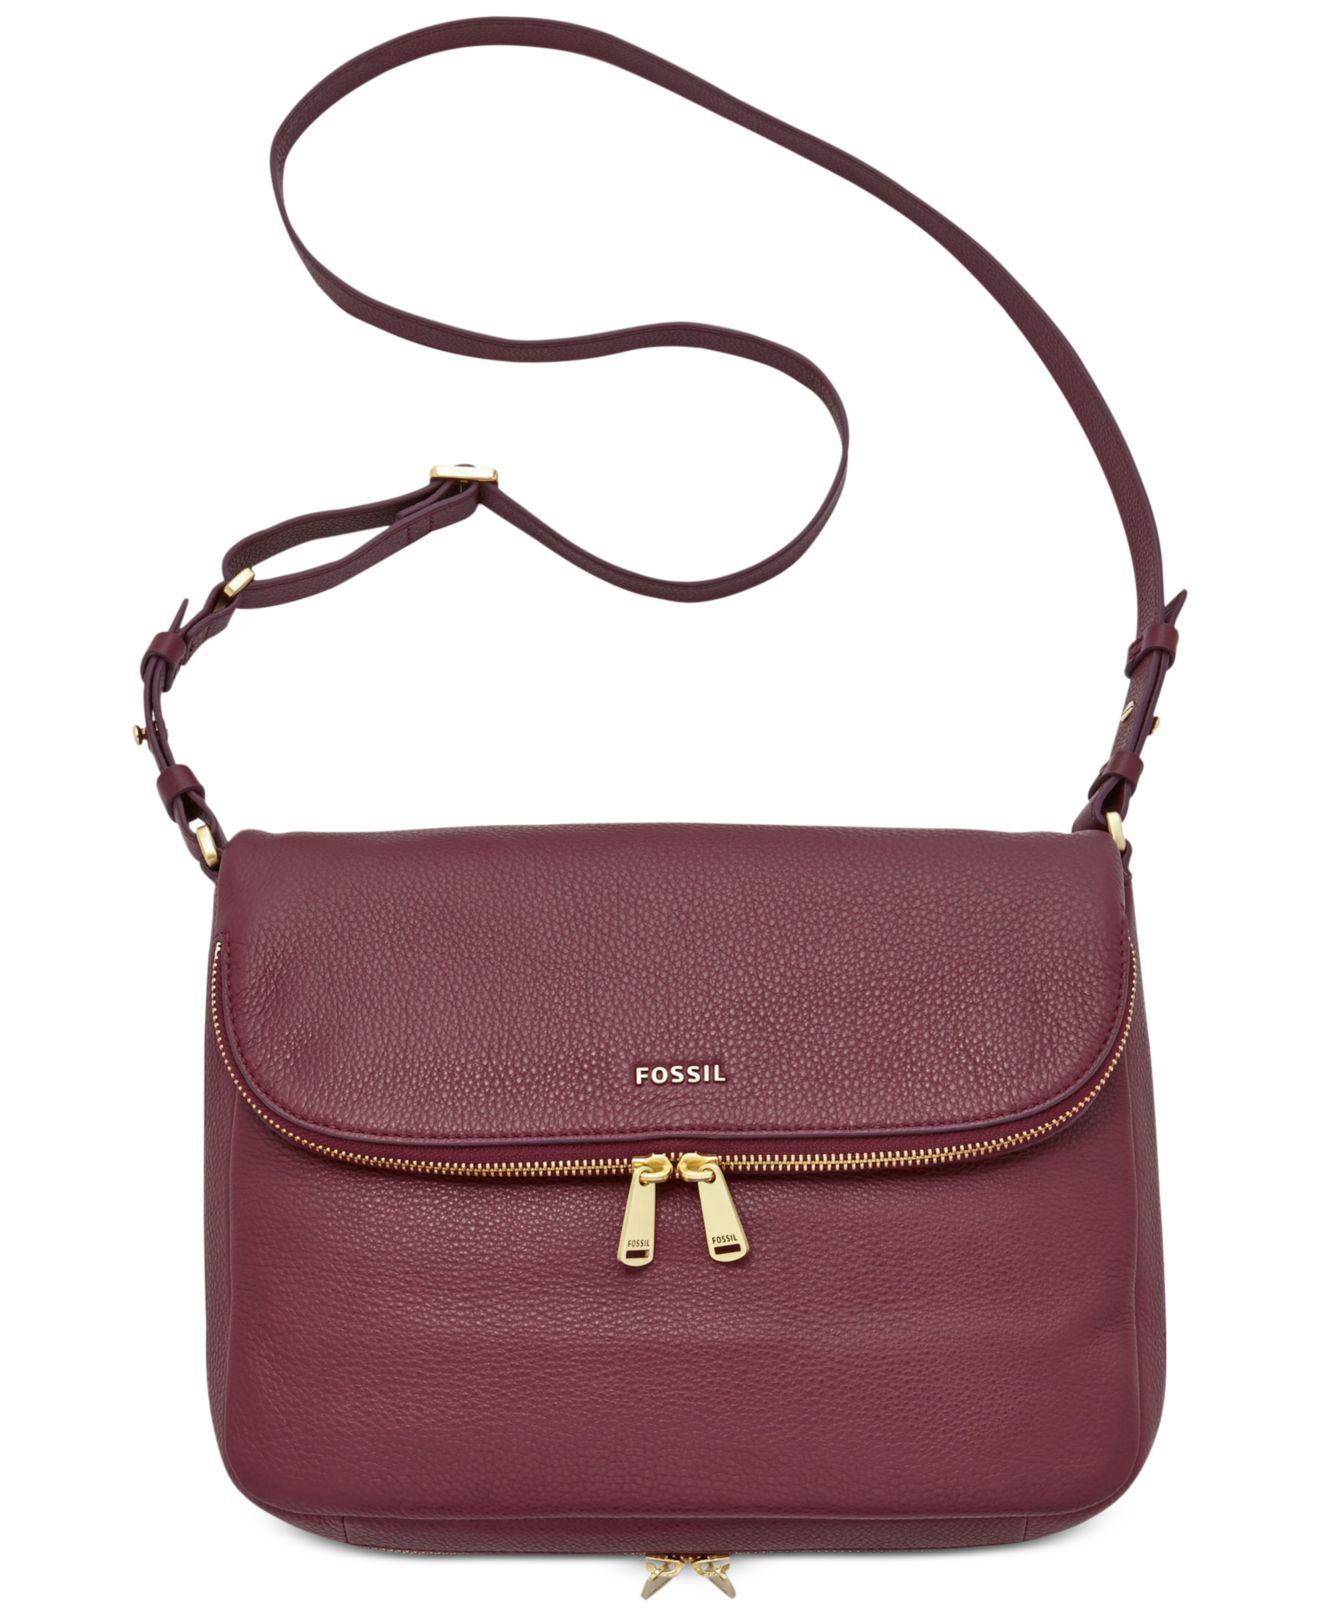 3615a16e0eb4eb Fossil Preston Leather Flap Shoulder Bag in Purple - Lyst